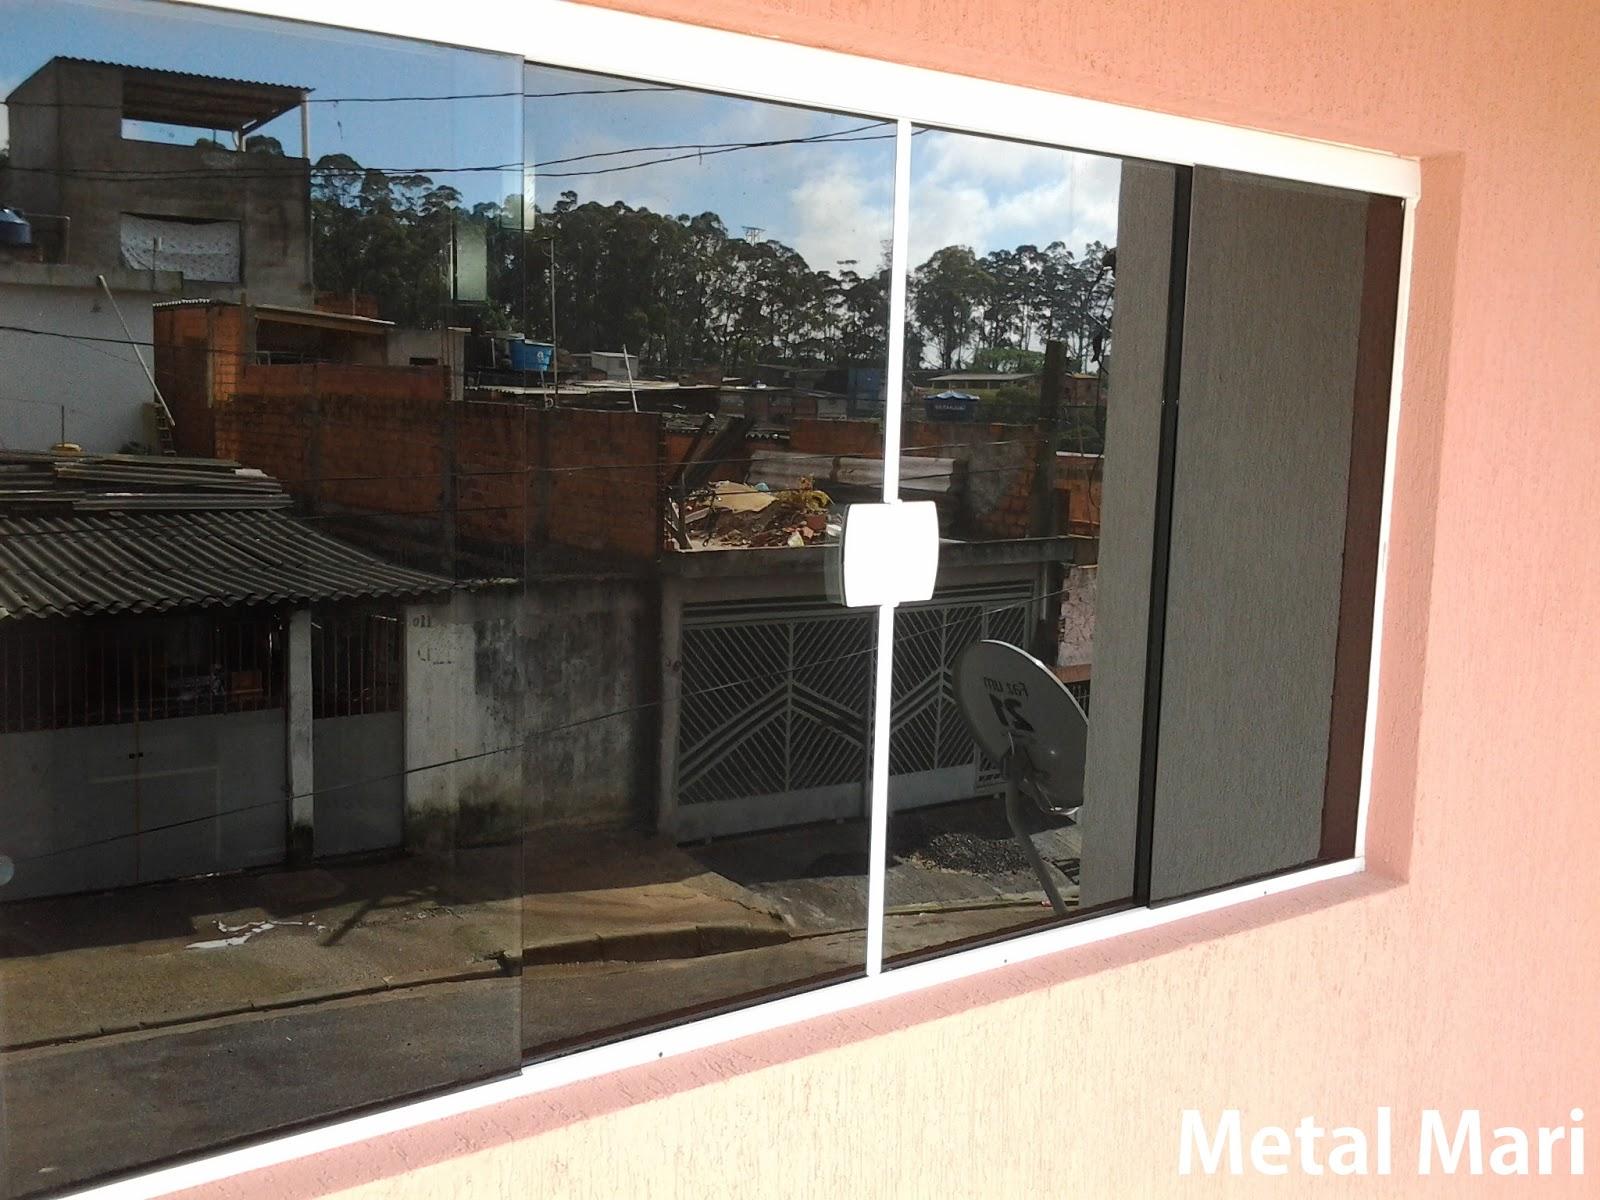 #B74014 Metal Mari Esquadrias : Vitro de vidro fumê temperado 8 mm (Metal  2004 Janela De Aluminio Vidro Fume